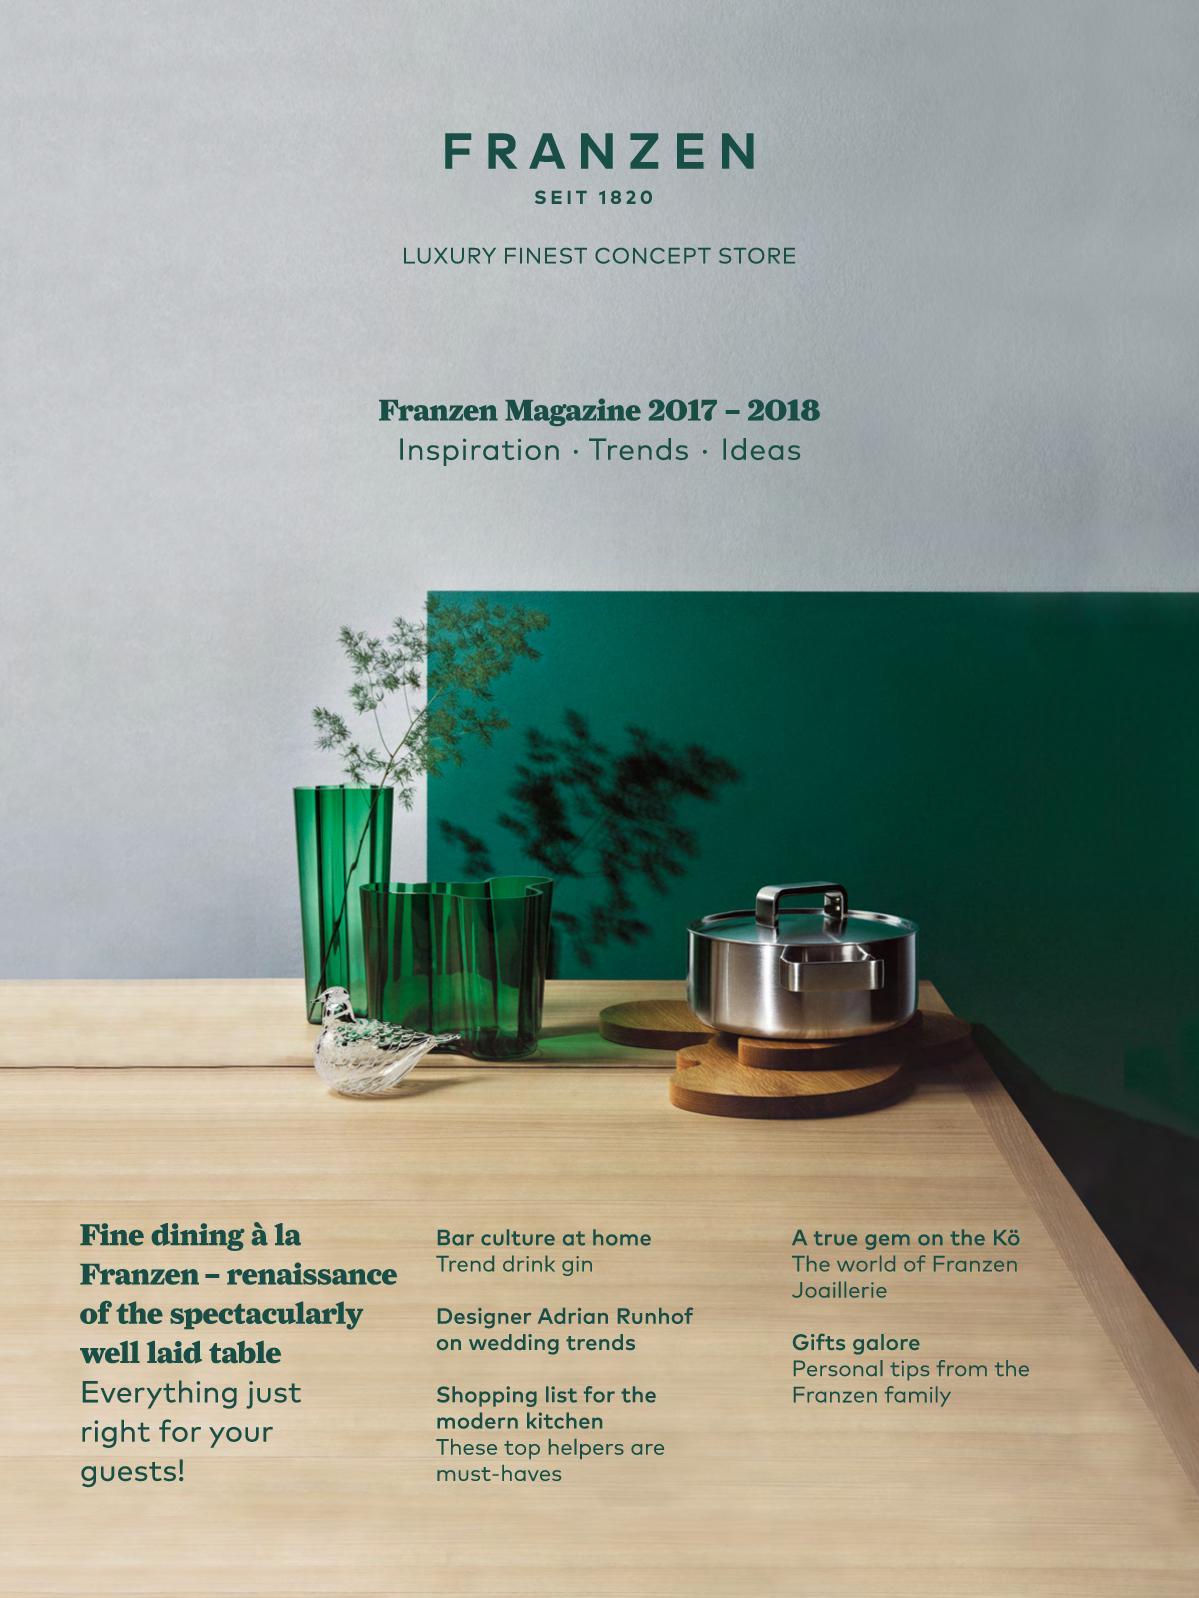 Franzen magazine 2017 2018 catalog